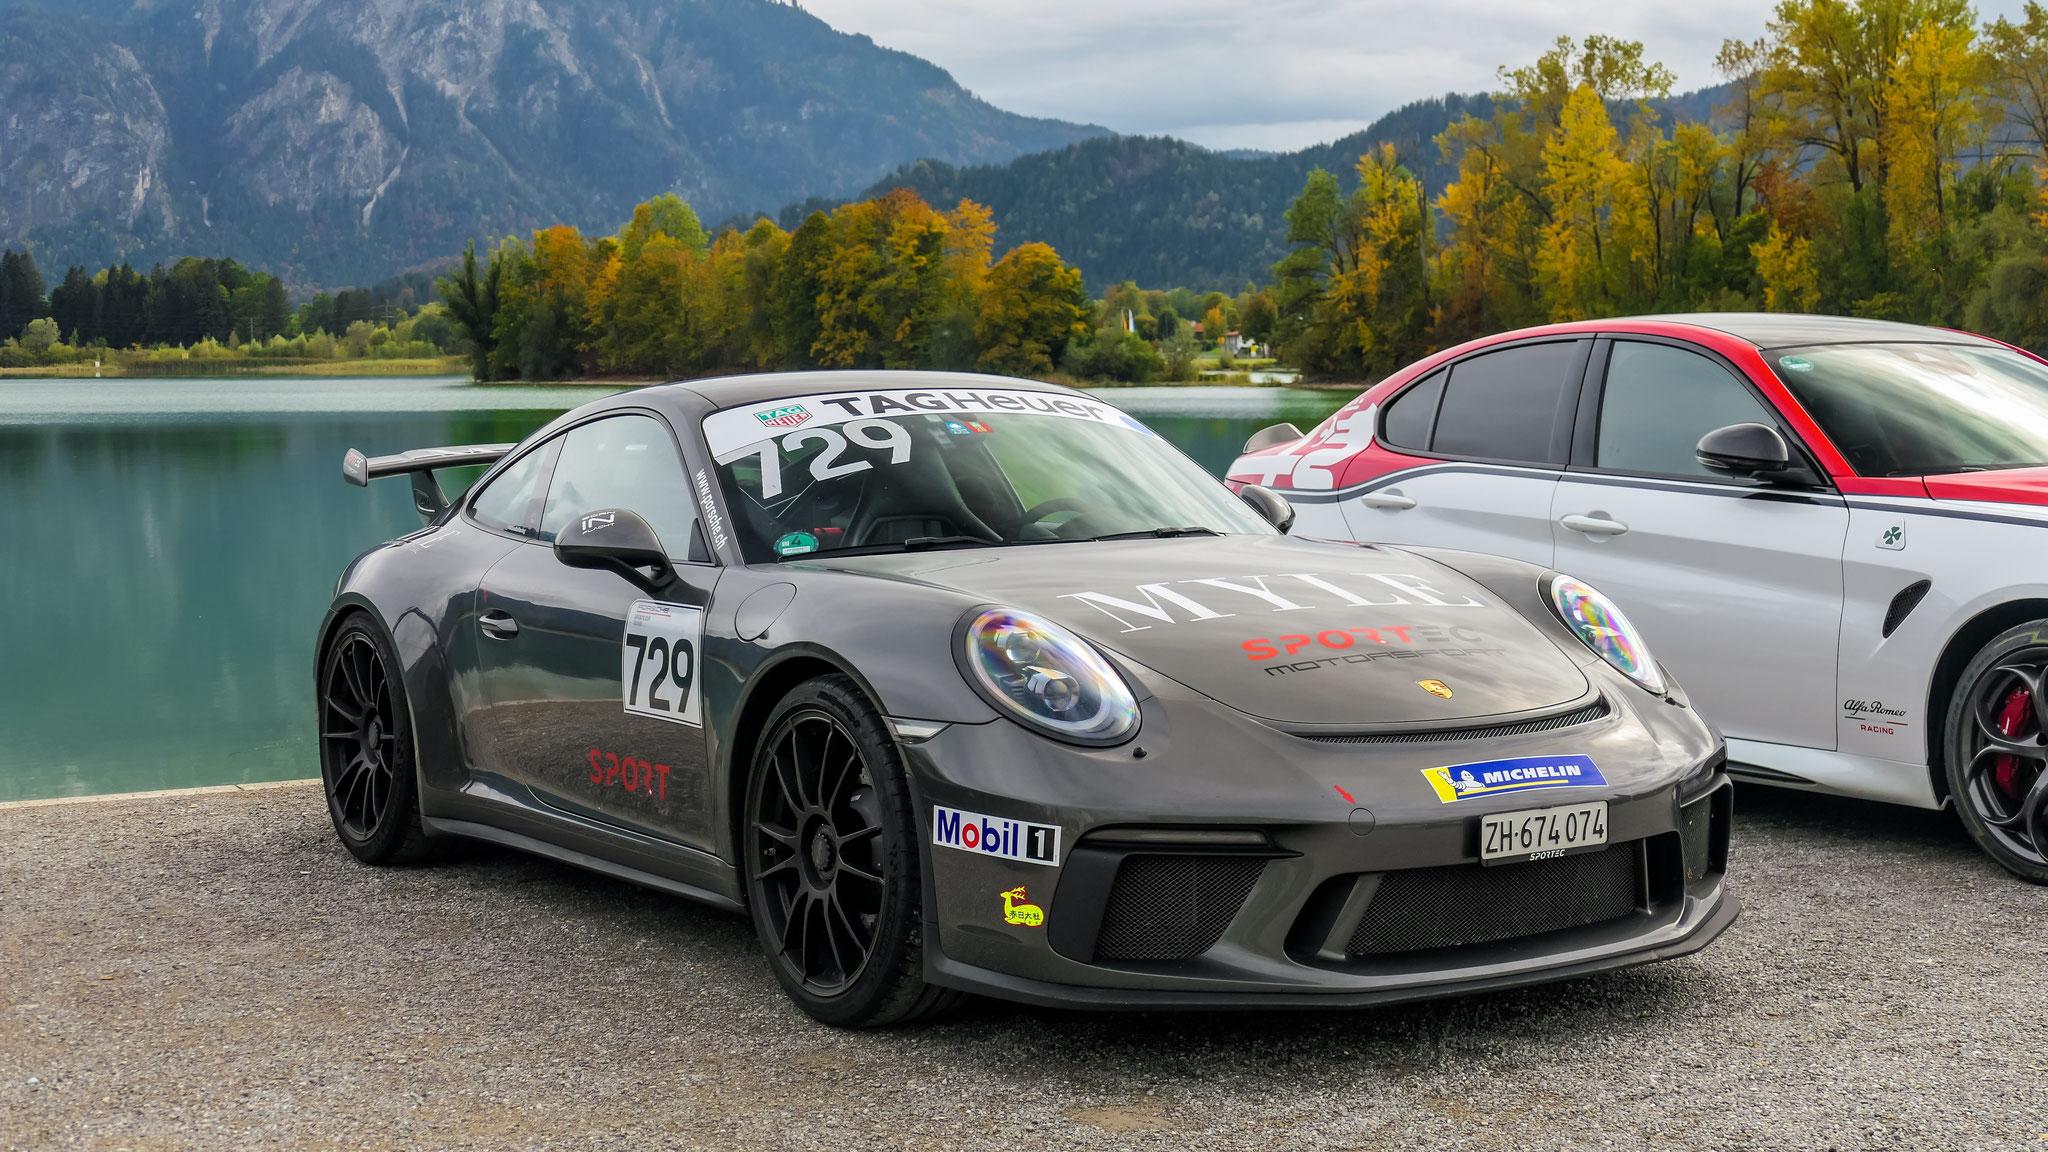 Porsche 991 GT3 - ZH-674074 (CH)